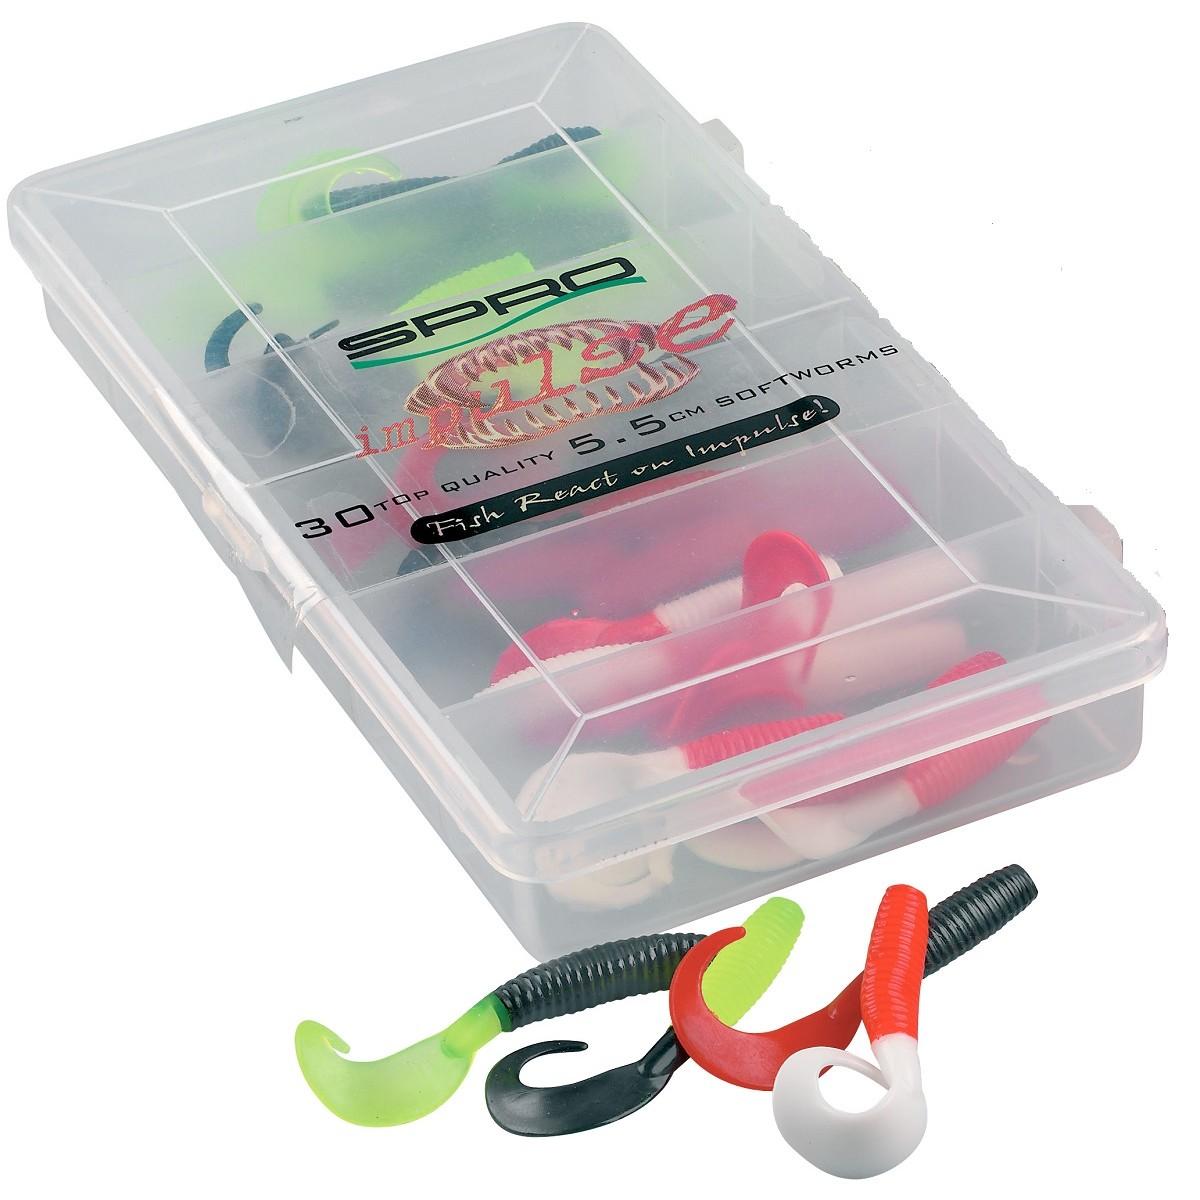 Комплект туистери SPRO Impulse Twister Set 5.5см